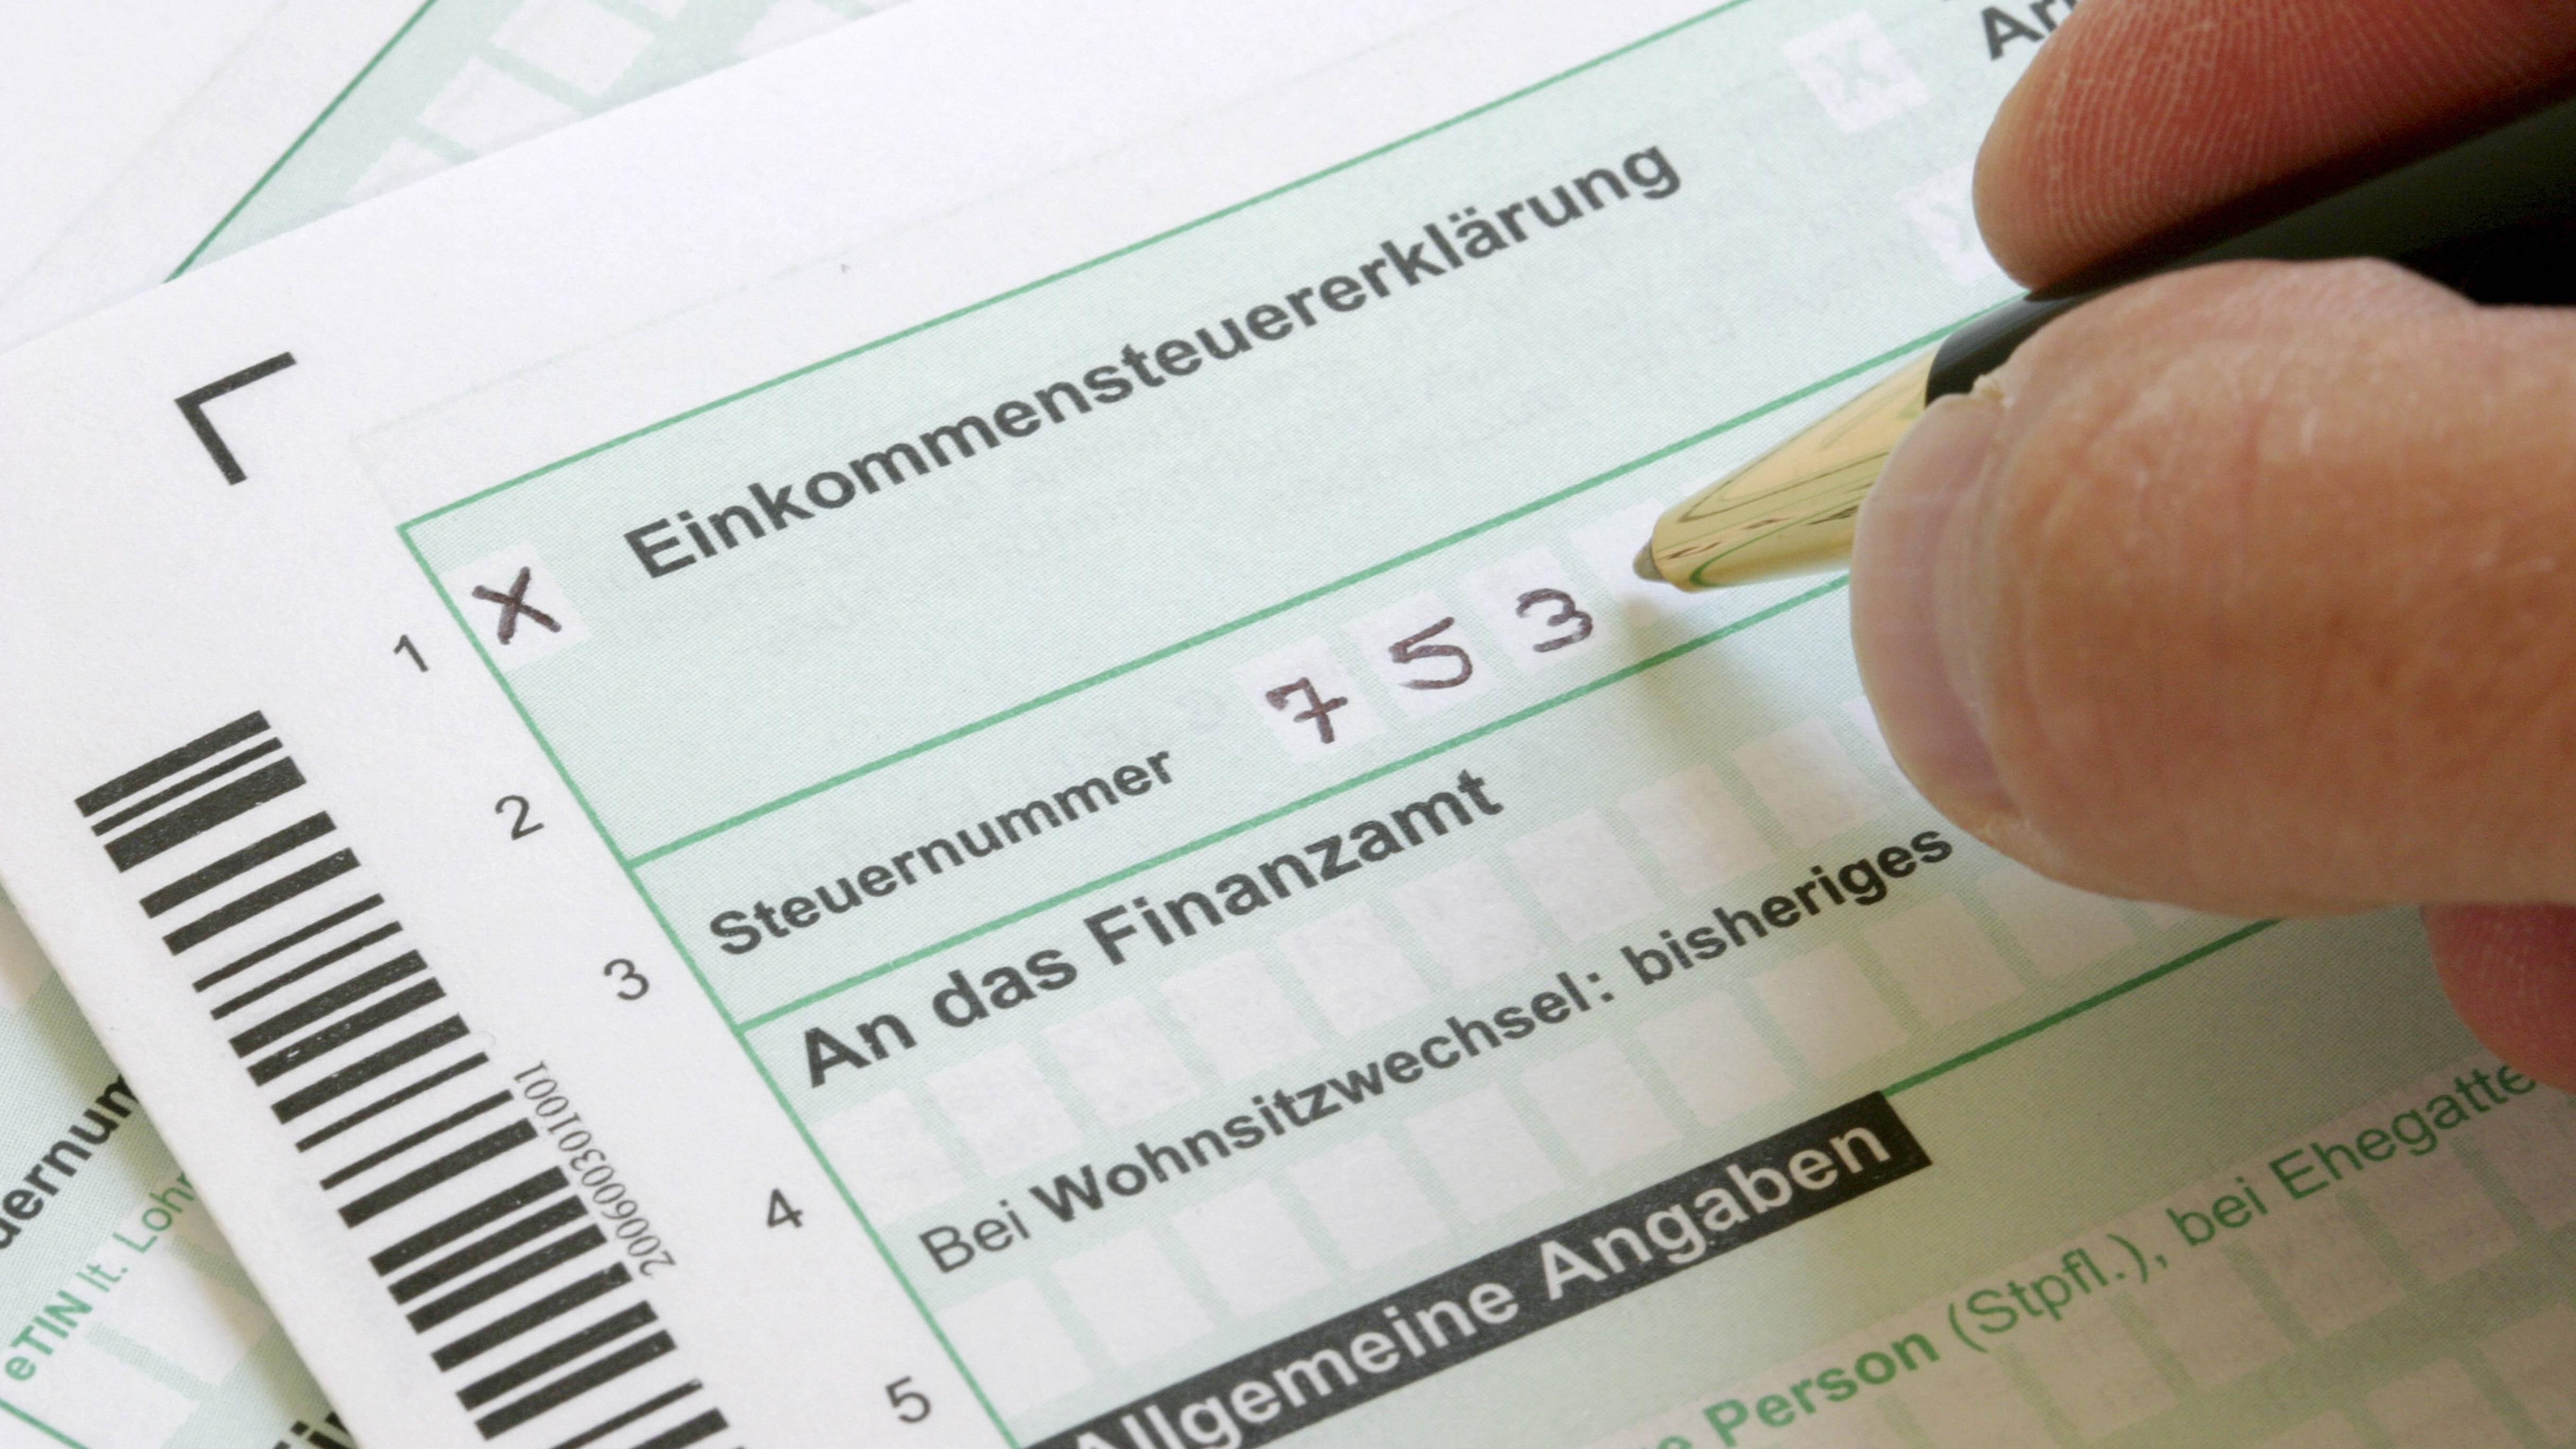 Steuernummer vs. Steuer-ID: Das sind die Unterschiede